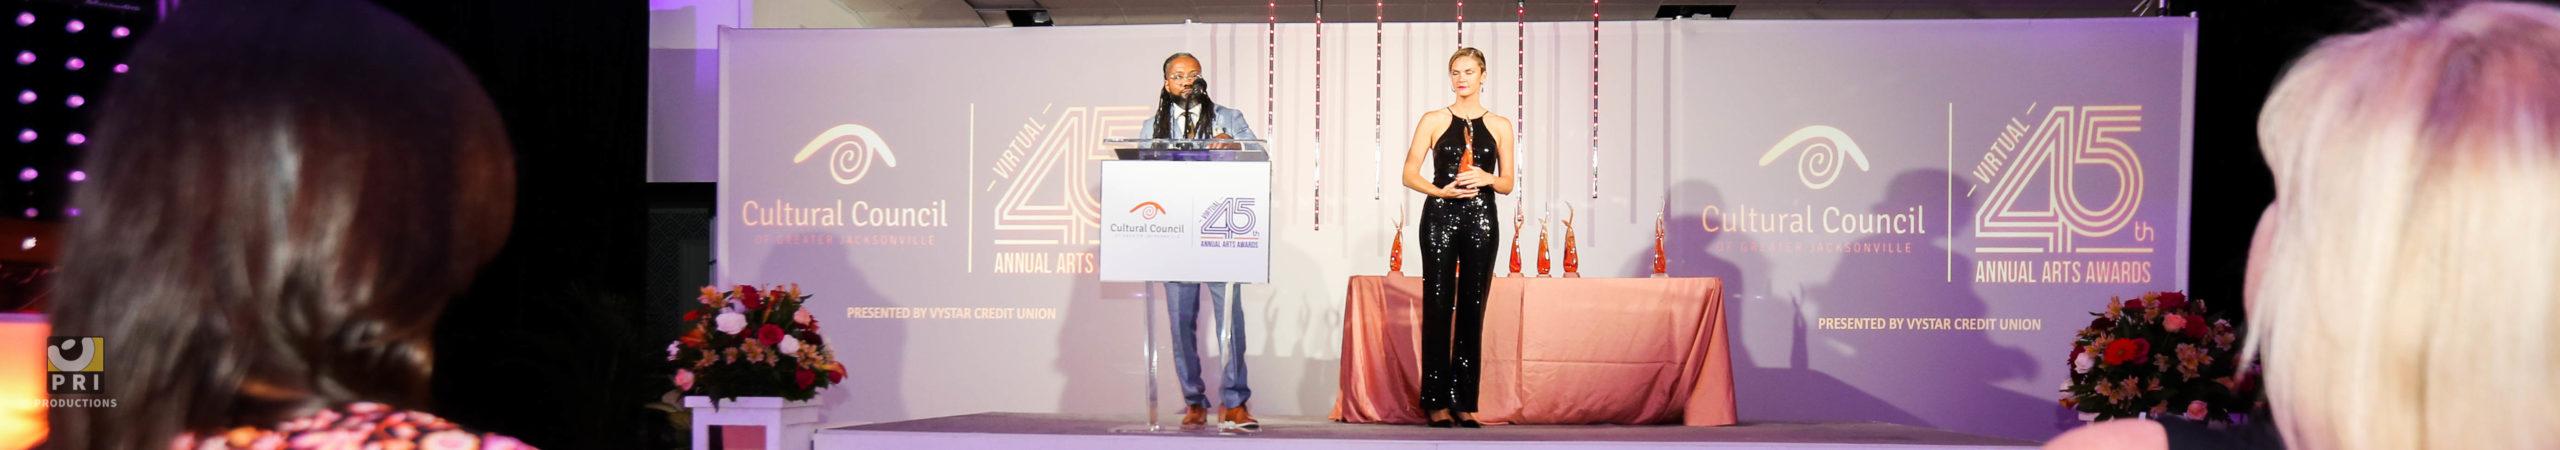 Cultural Council Arts Awards 2021